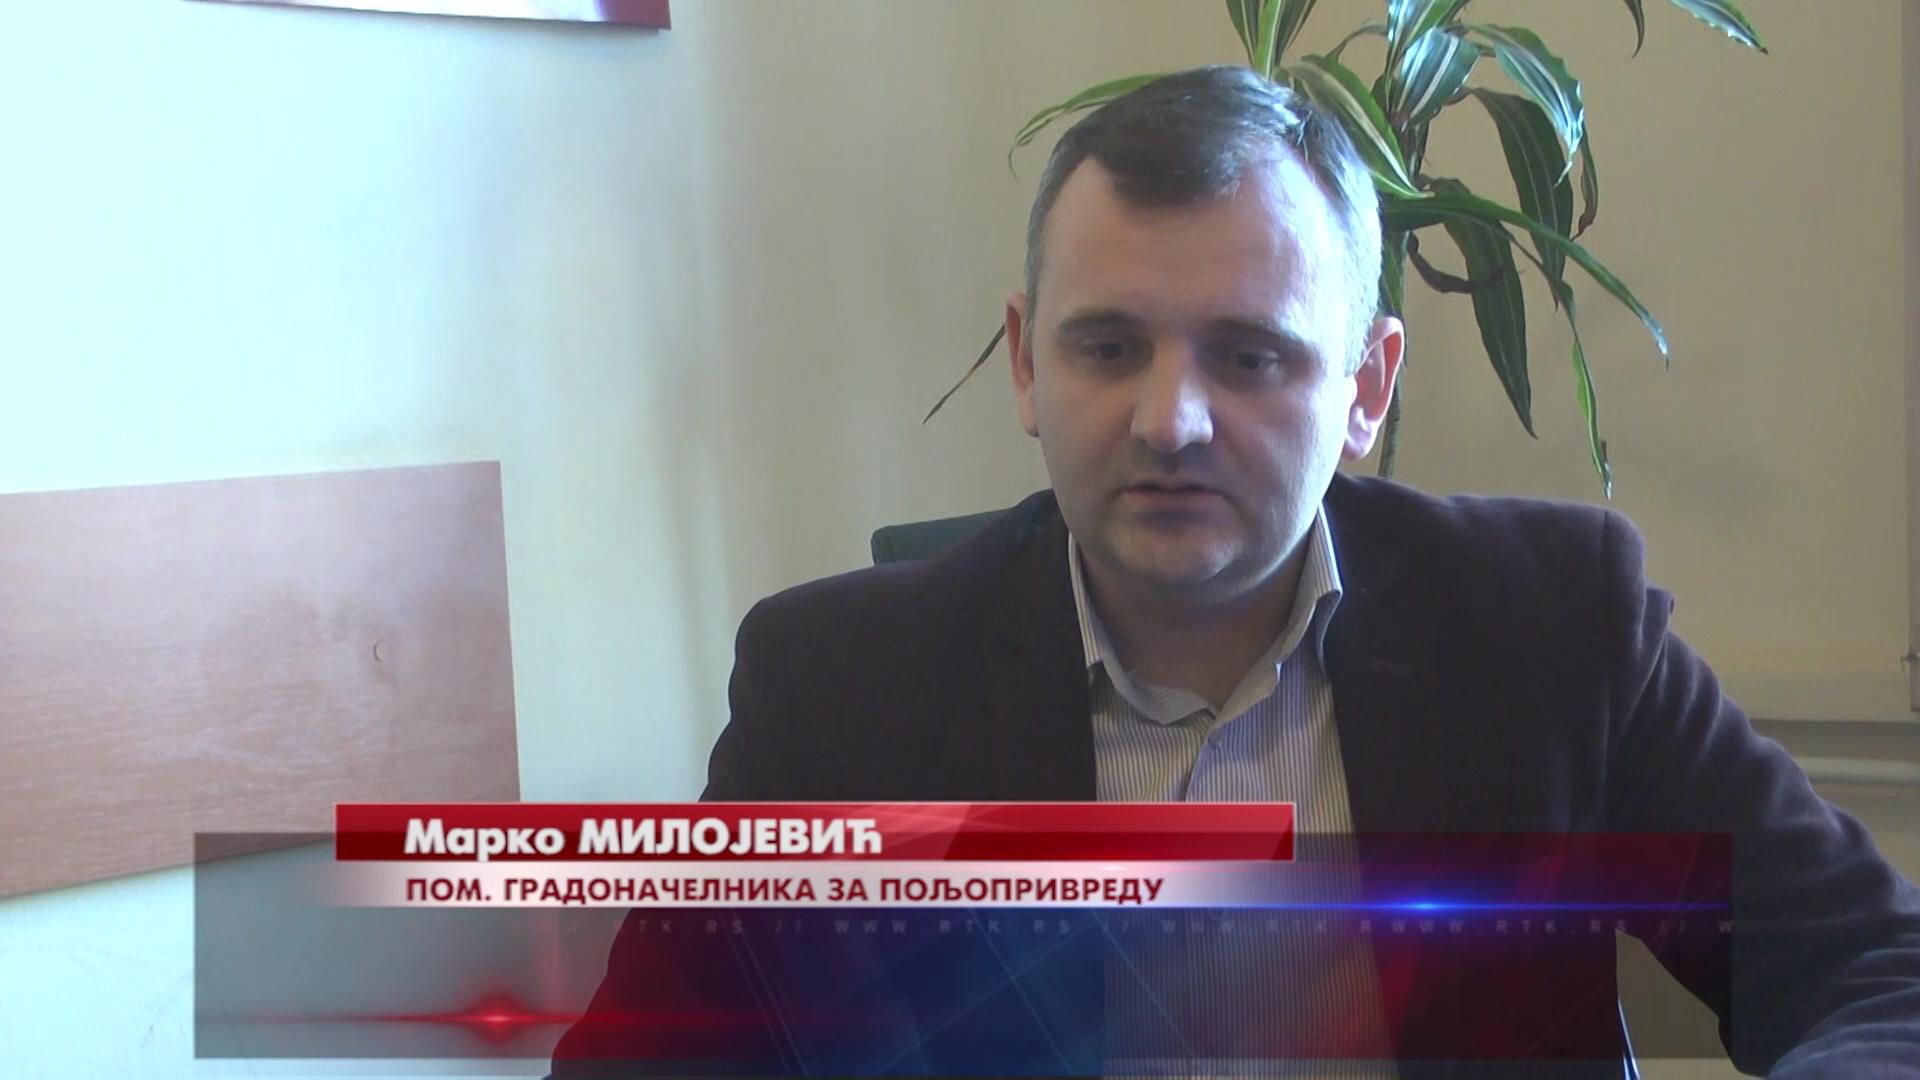 U  2019. po osnovu mera za podsticaj poljoprivrede Grada Kruševca utrošeno 33 miliona dinara